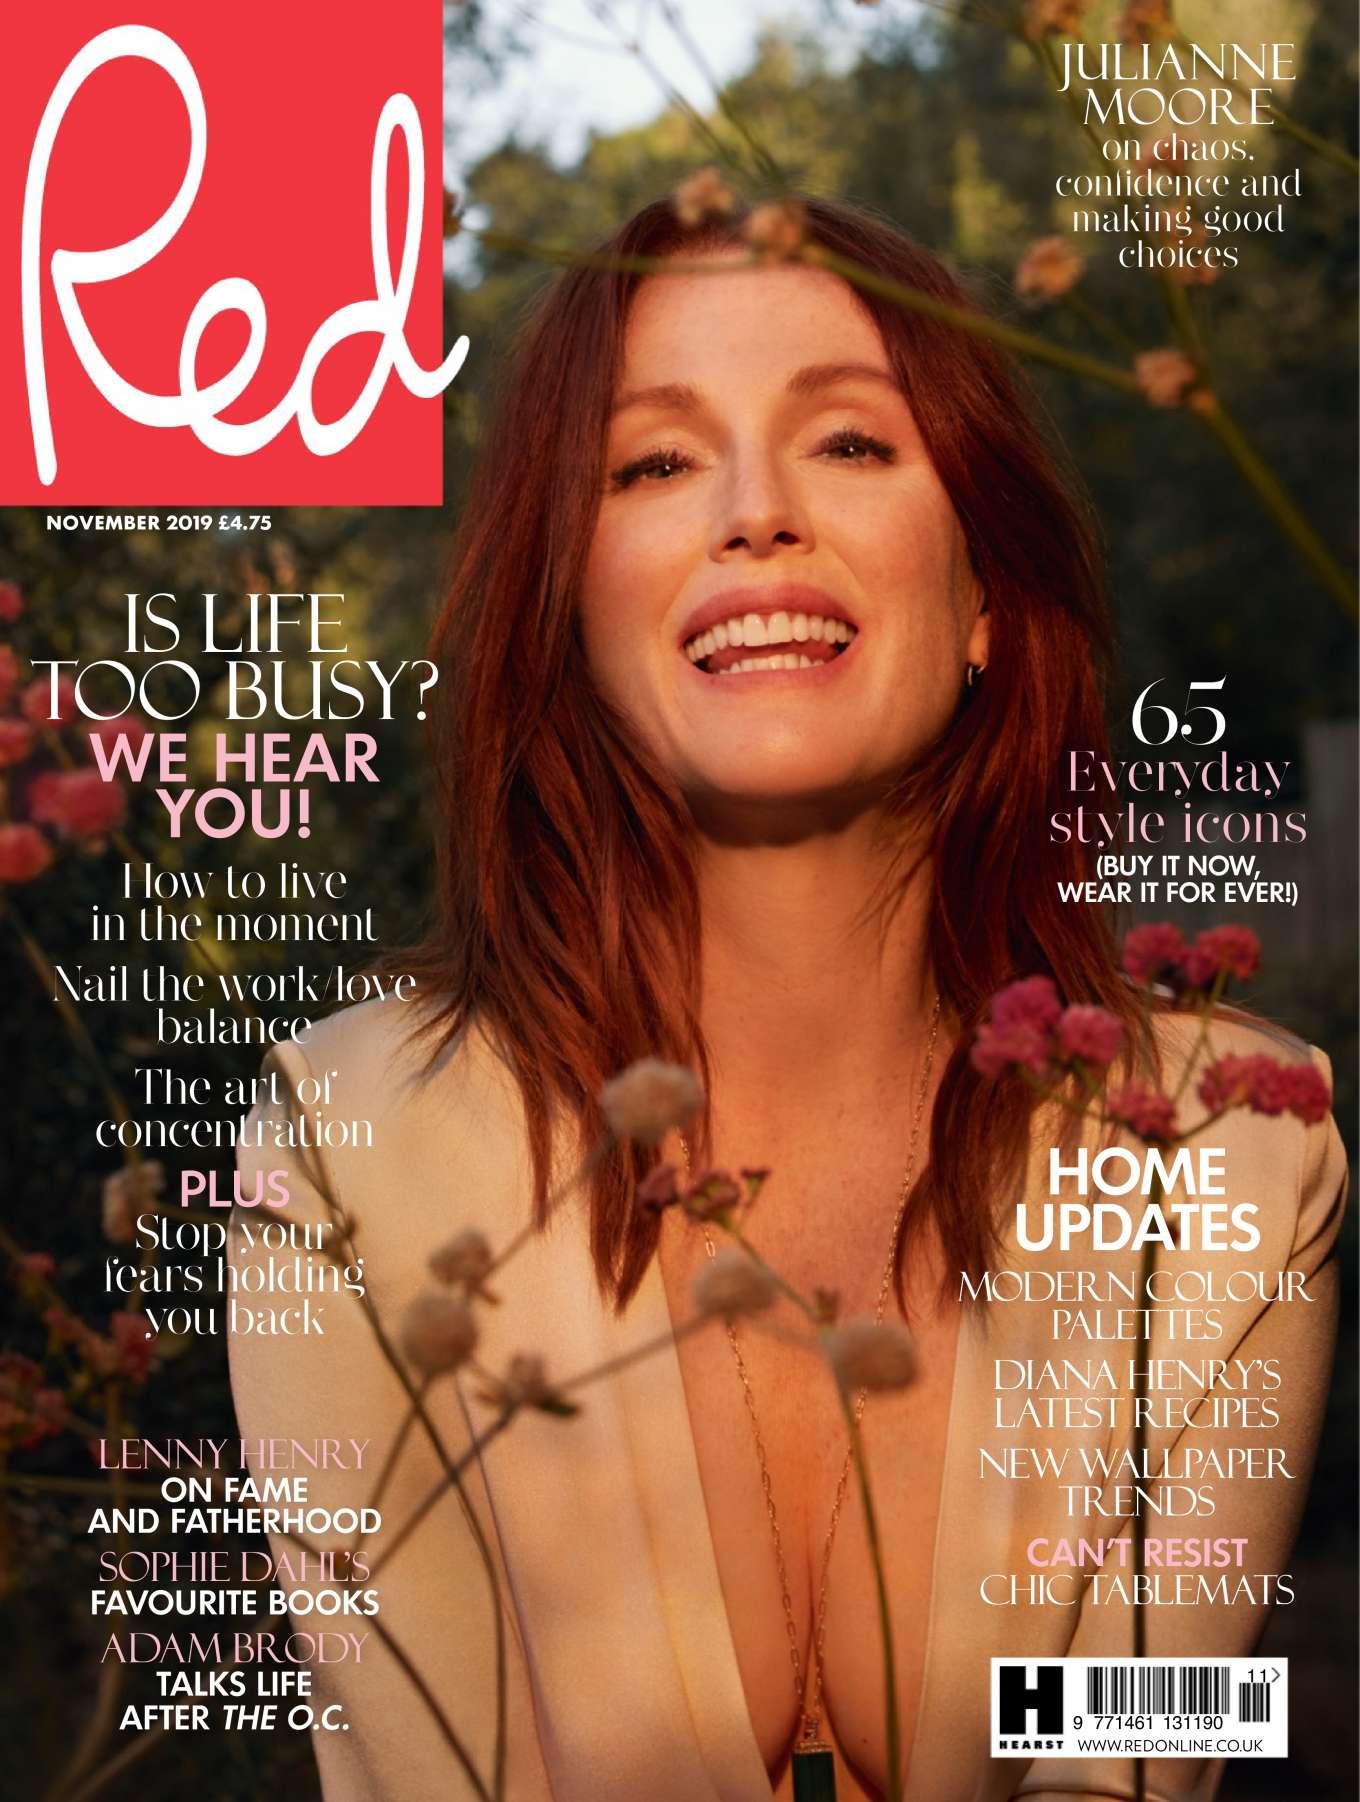 Julianne Moore 2019 : Julianne Moore – Red UK 2019-02